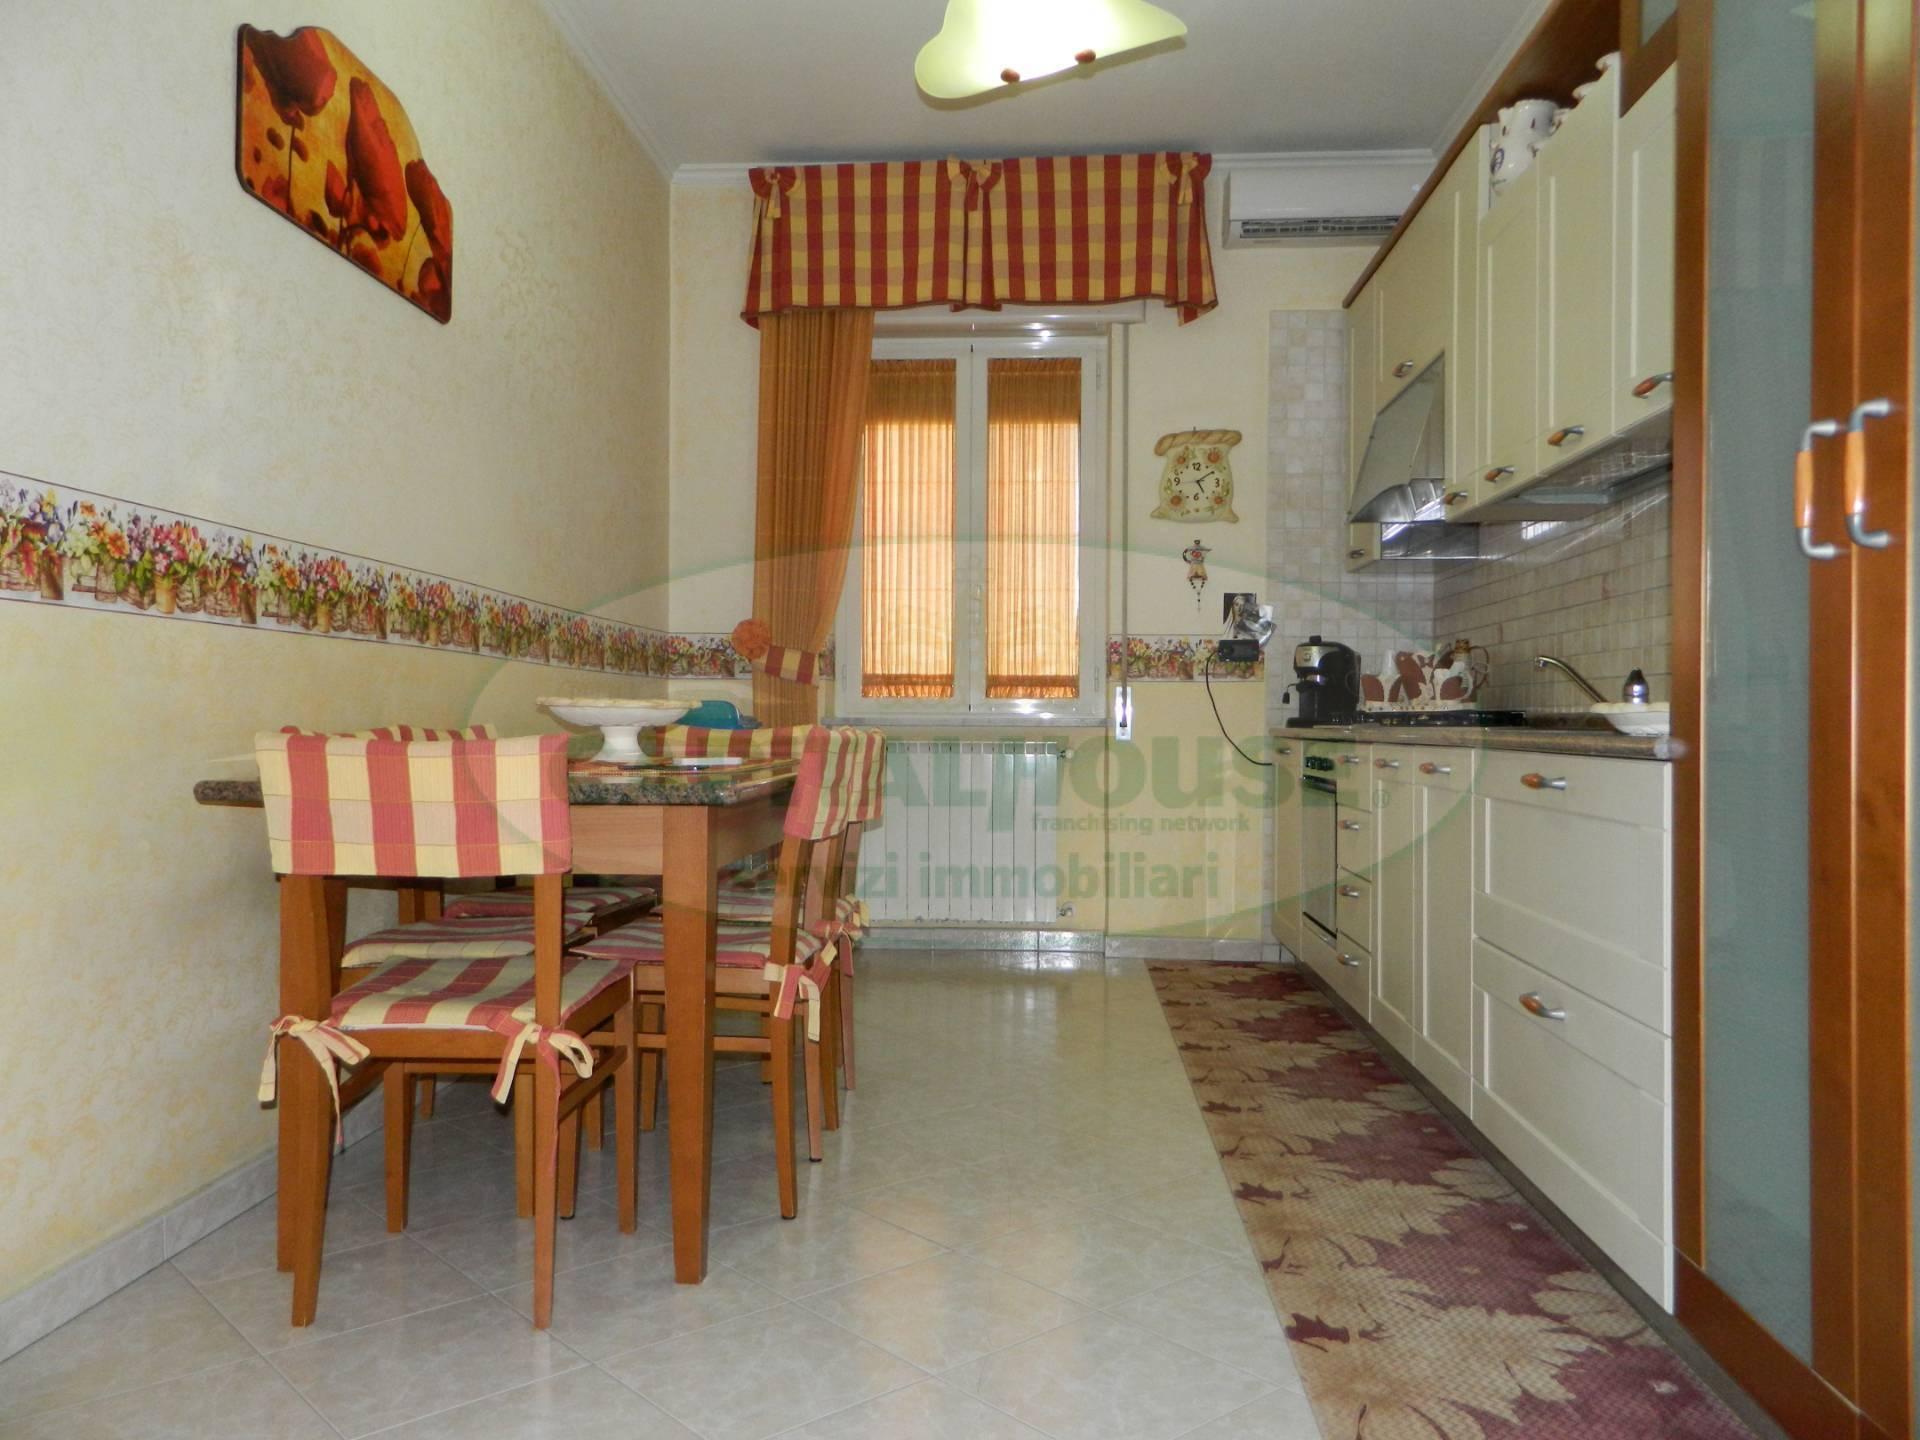 Appartamento in vendita a Afragola, 3 locali, zona Località: Centro, prezzo € 155.000 | CambioCasa.it